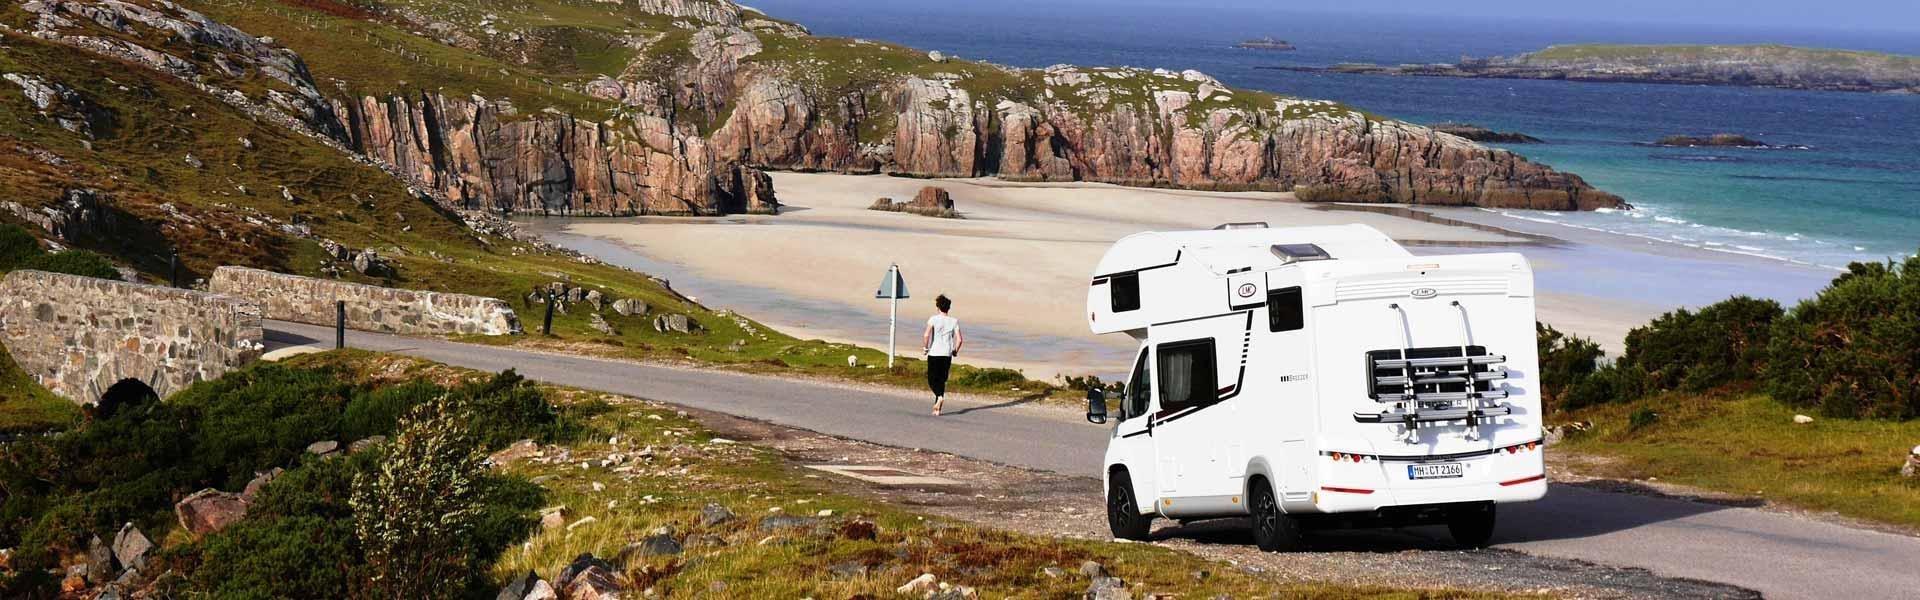 Boek een camper van McRent en maak een camperreis door het Verenigd Koninkrijk